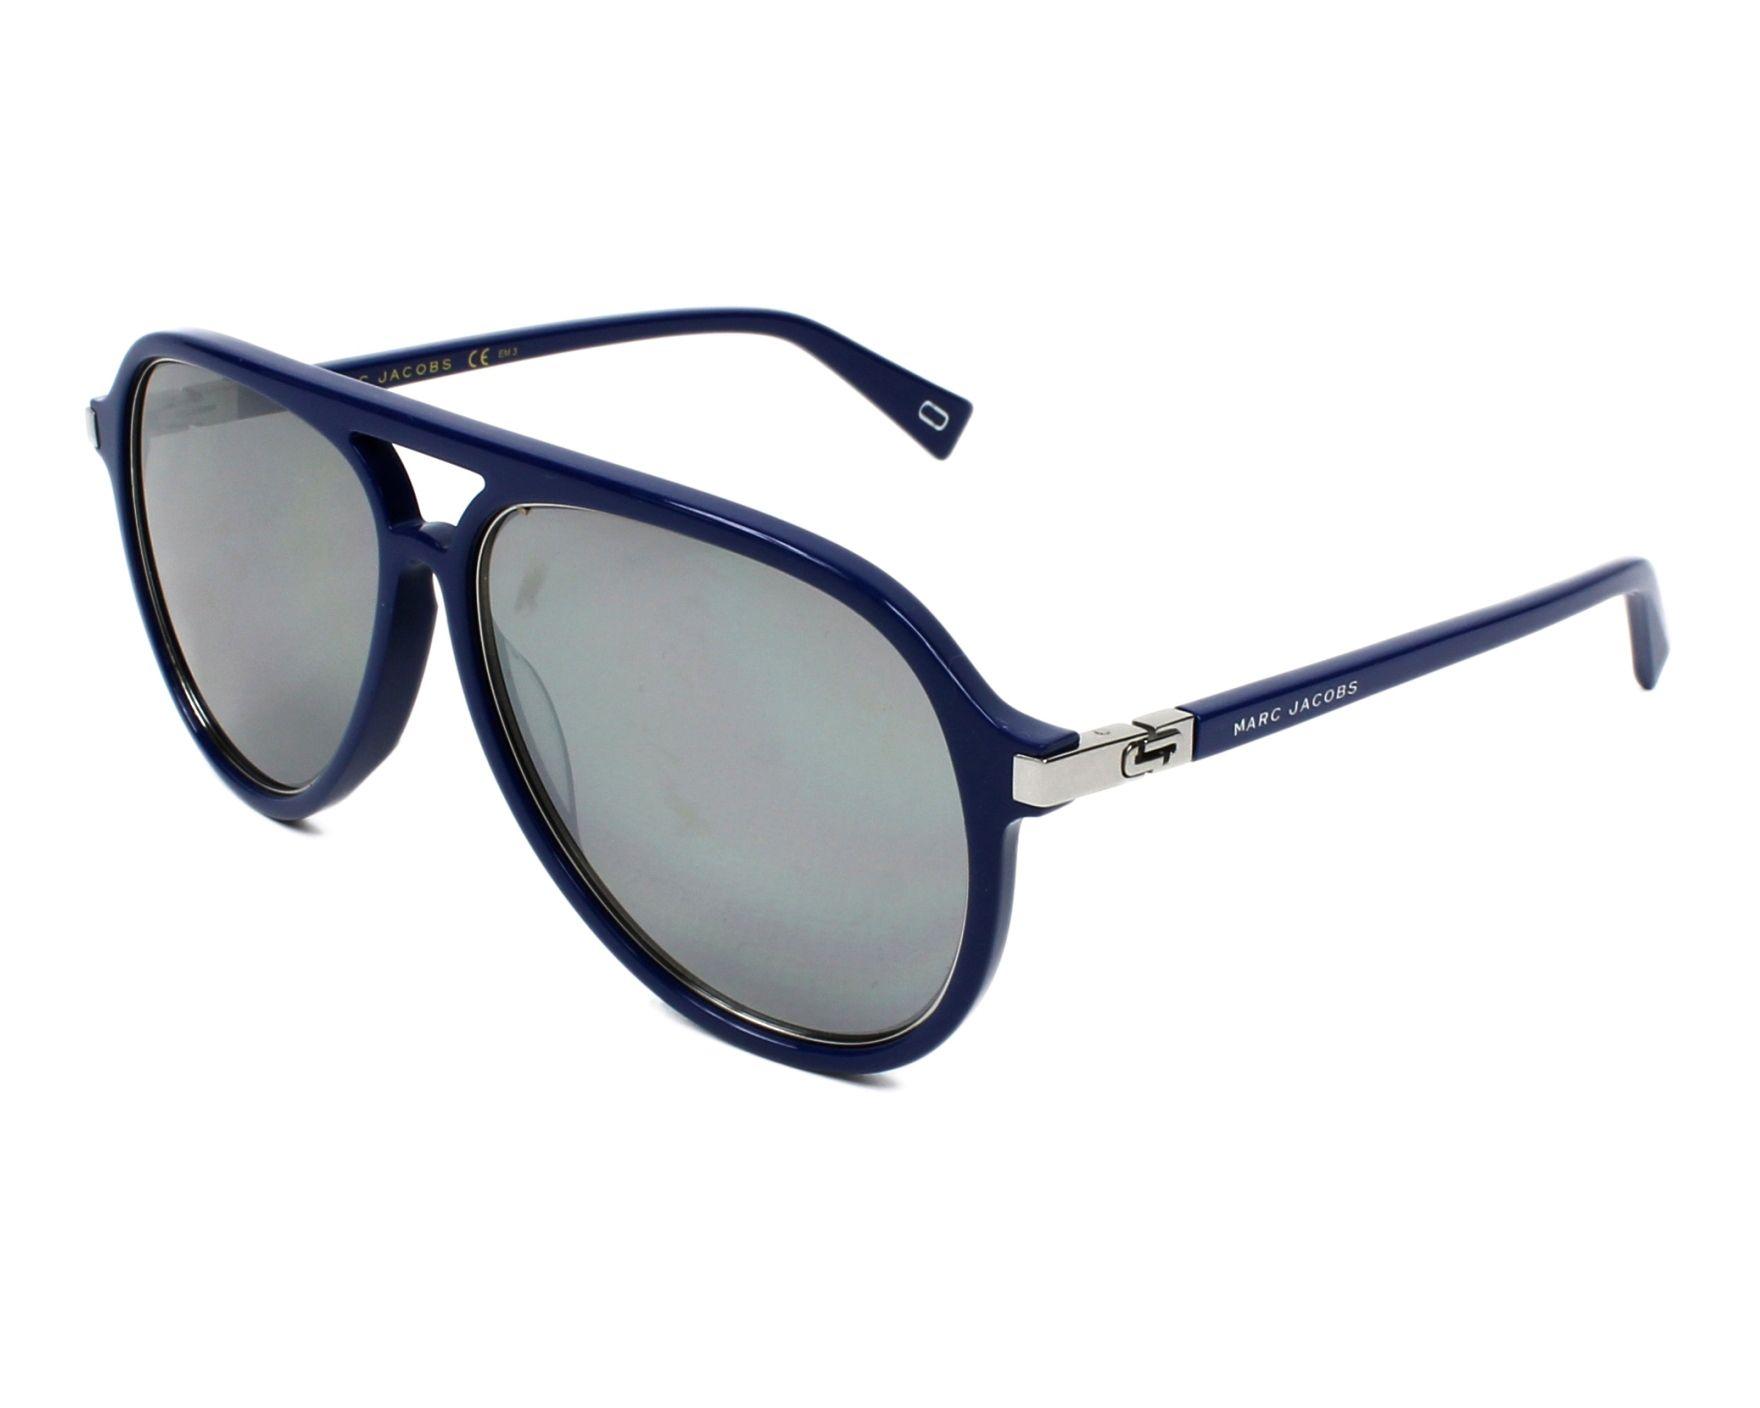 8477d73294 Sunglasses Marc Jacobs MARC-174-S PJP T4 58-14 Blue Silver